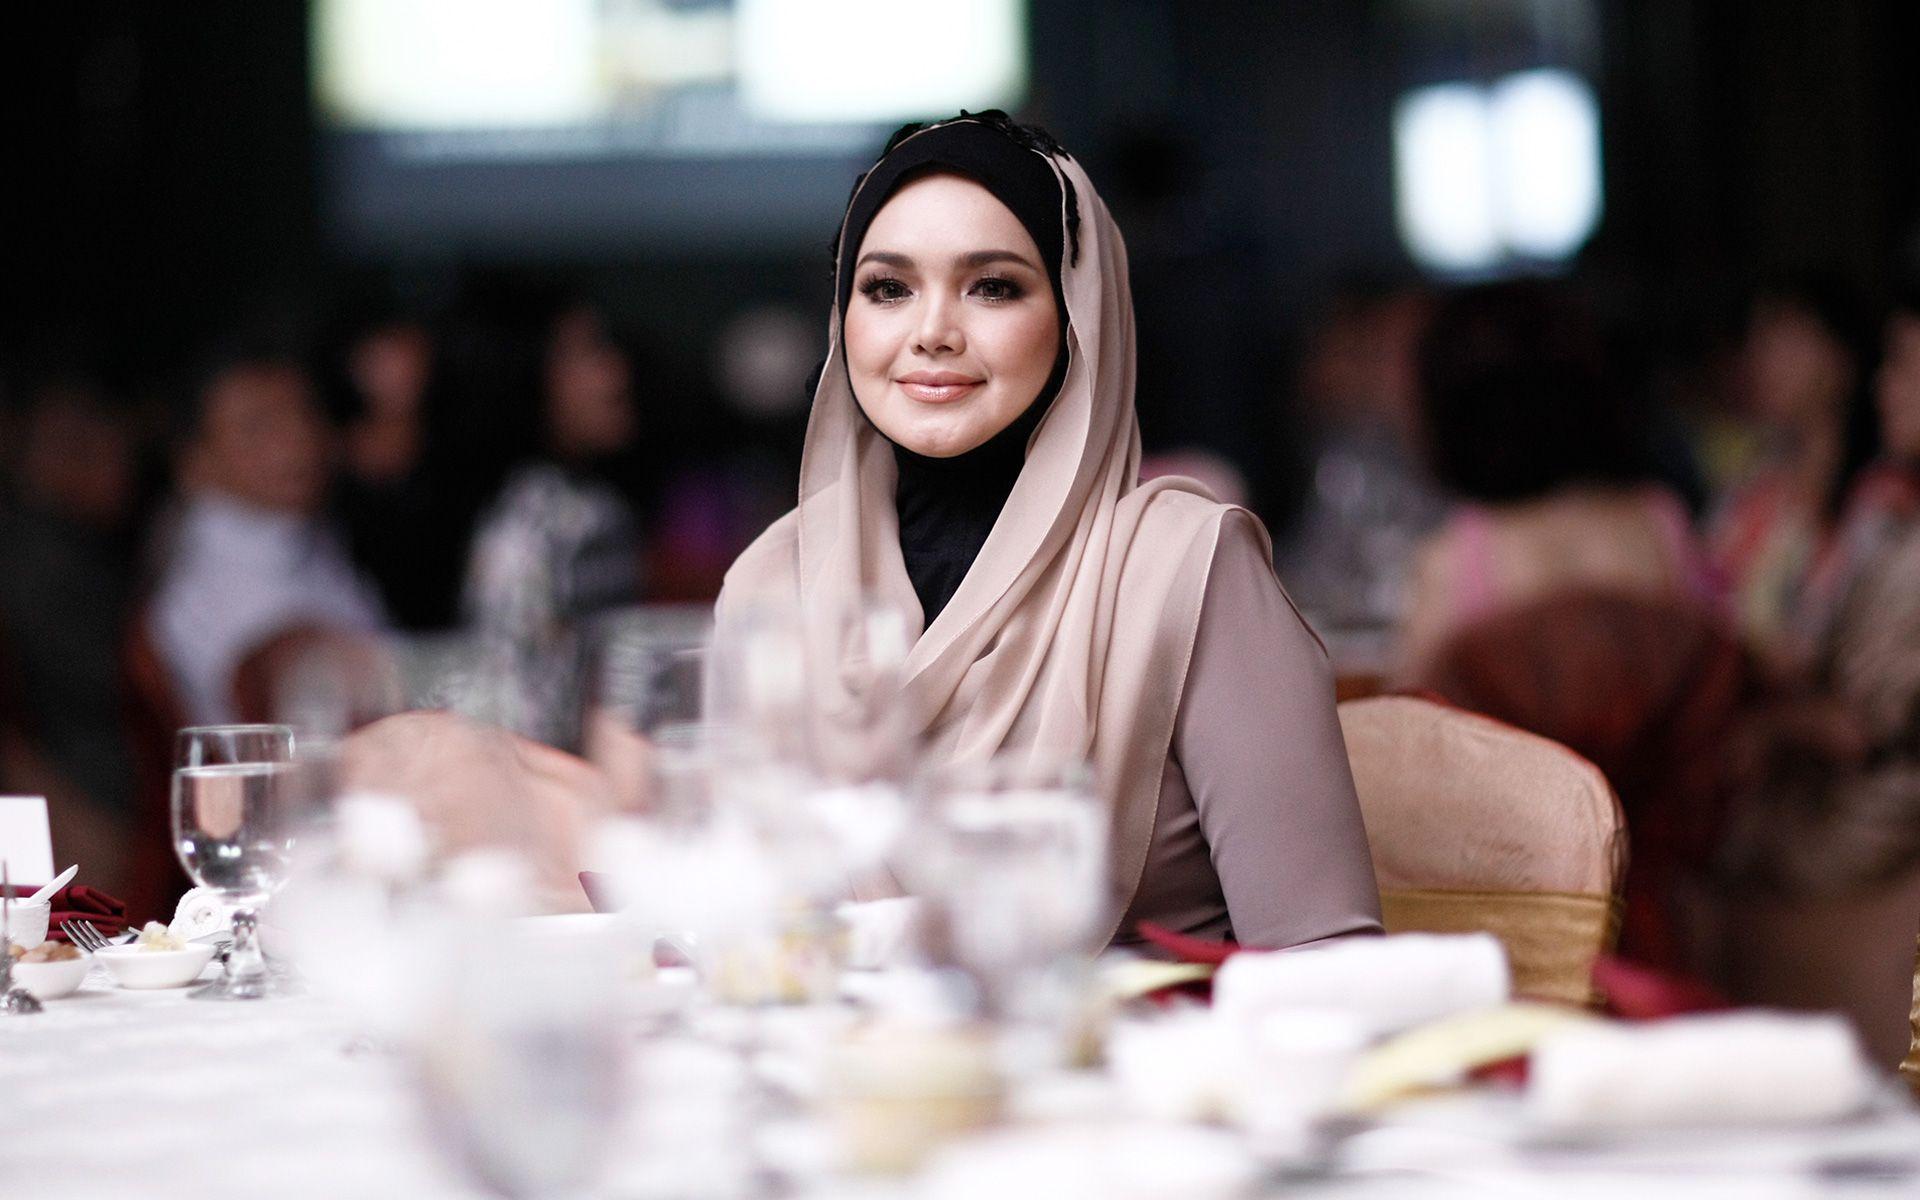 An Auspicious Year For Malaysian Singer Datuk Seri Siti Nurhaliza